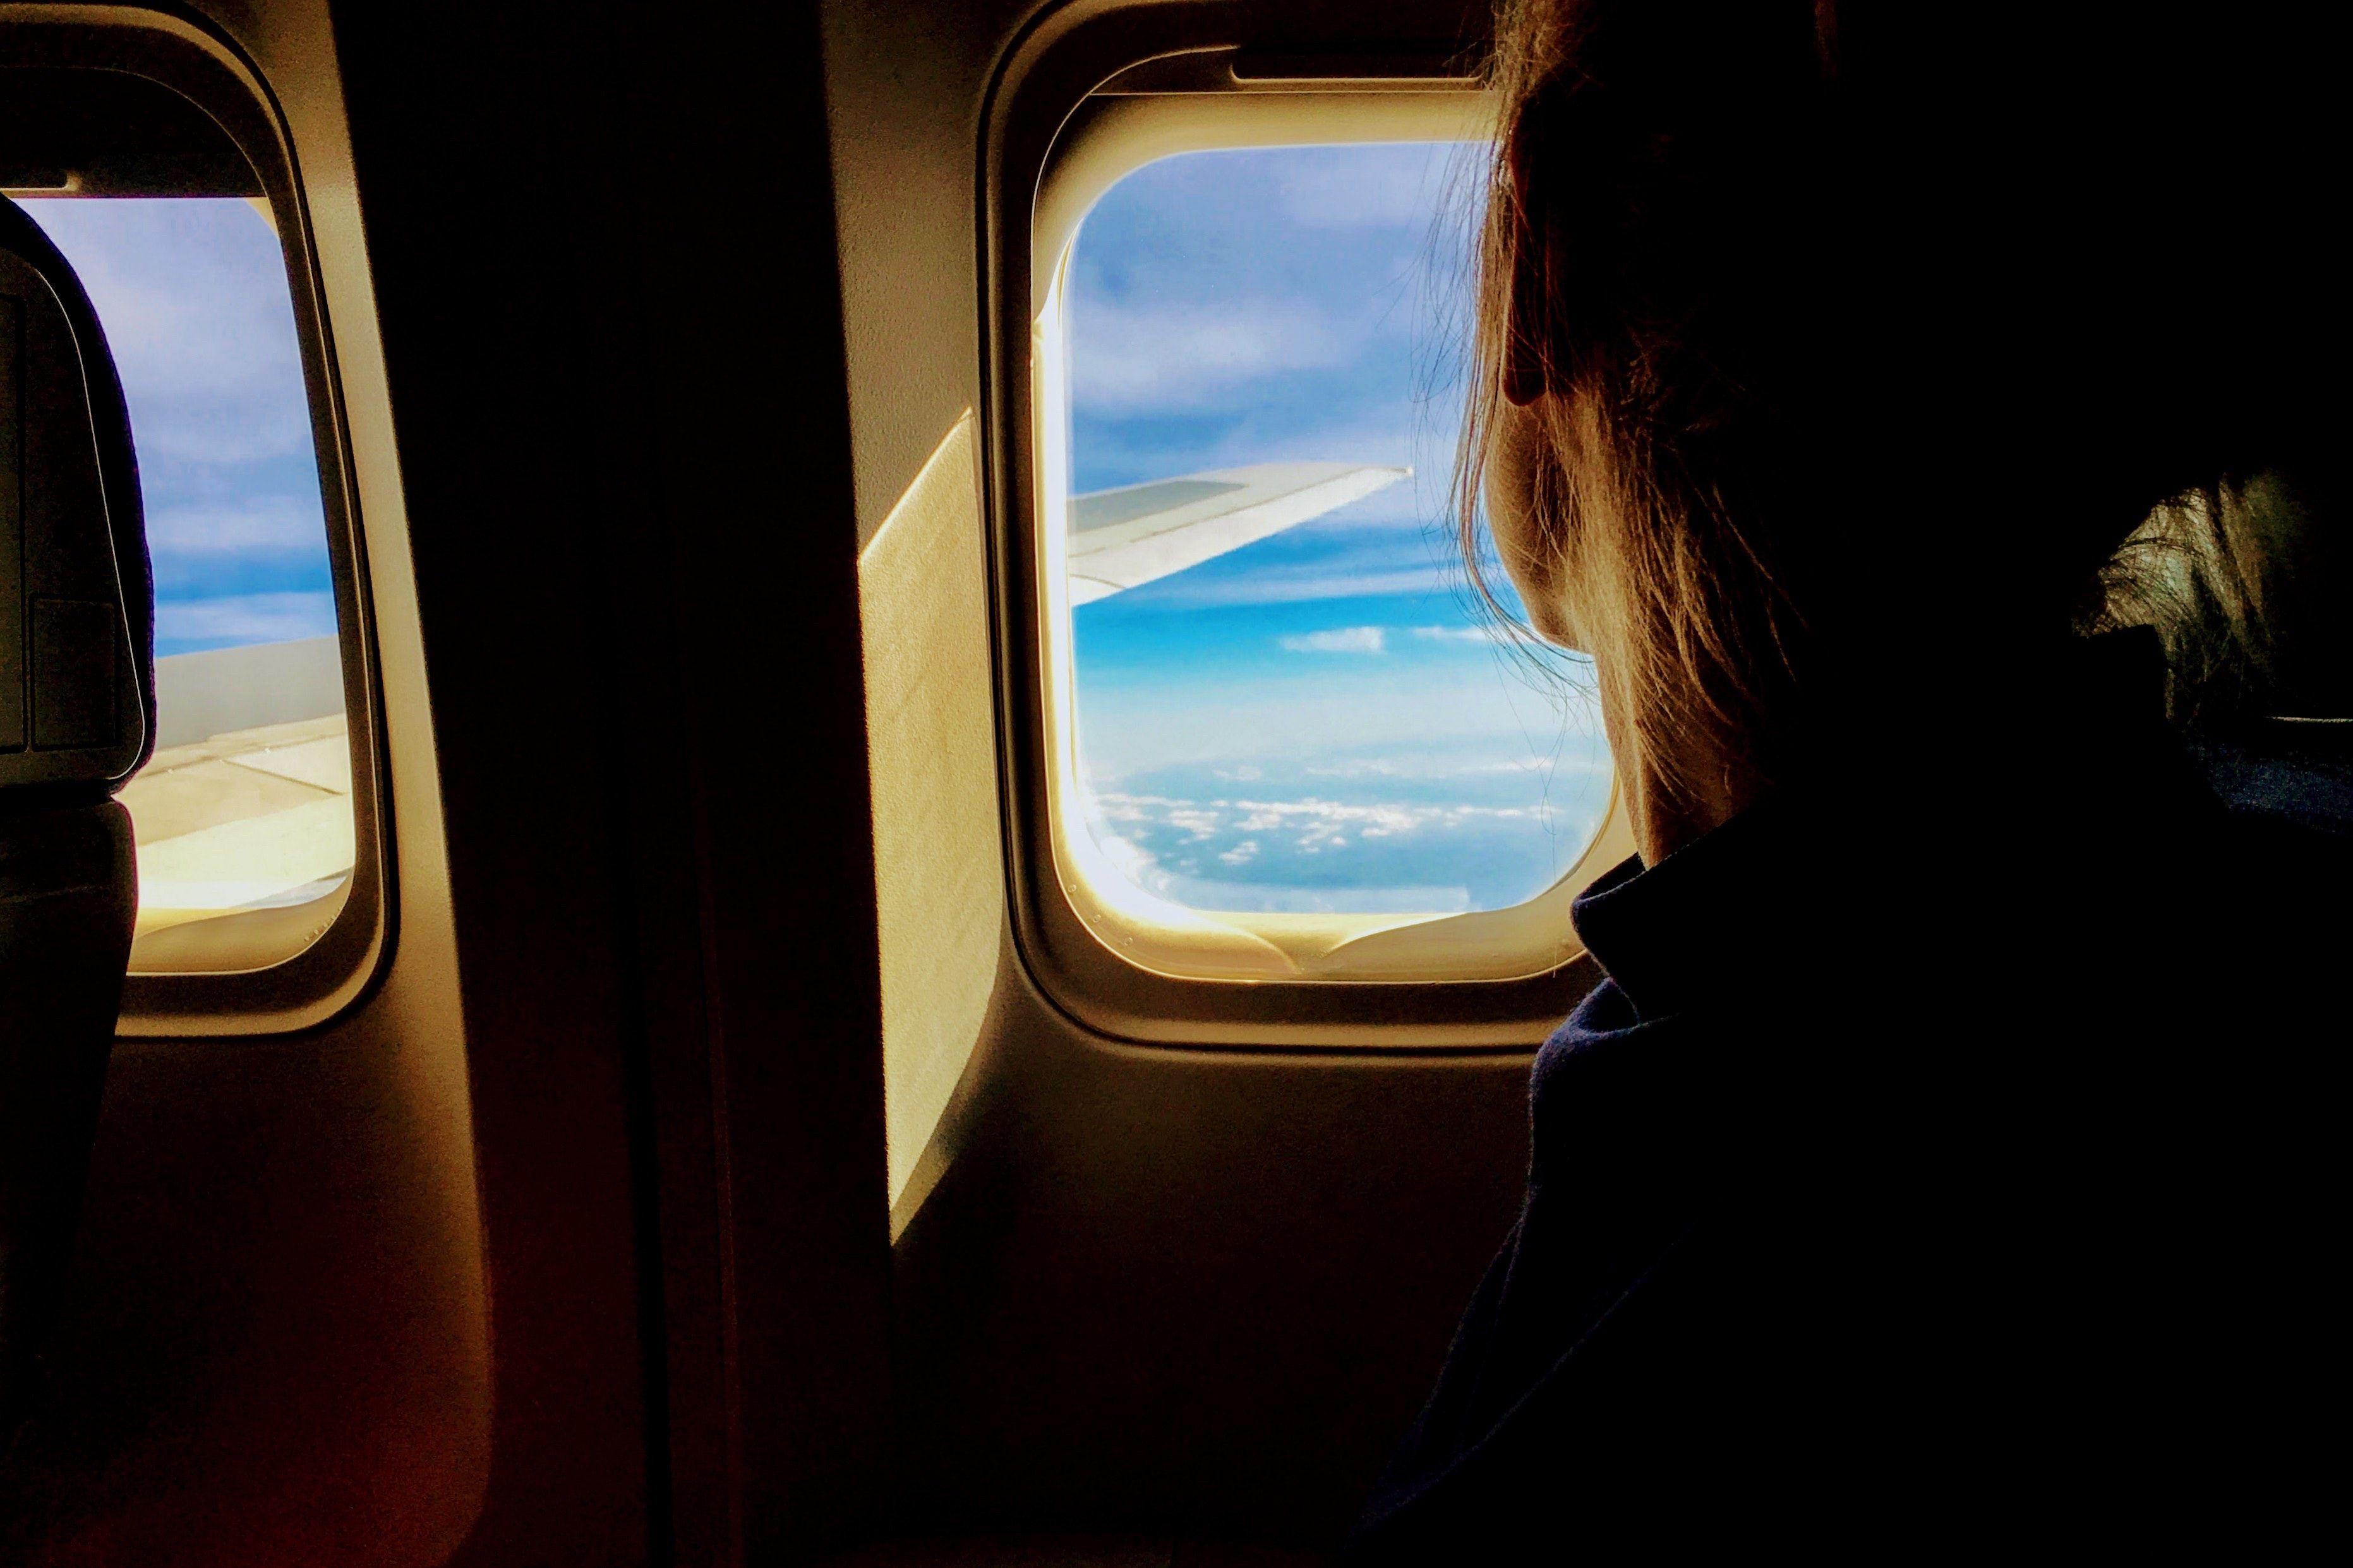 Voyage d'affaires: 7 bonnes raisons de partir en 2019 - Okarito